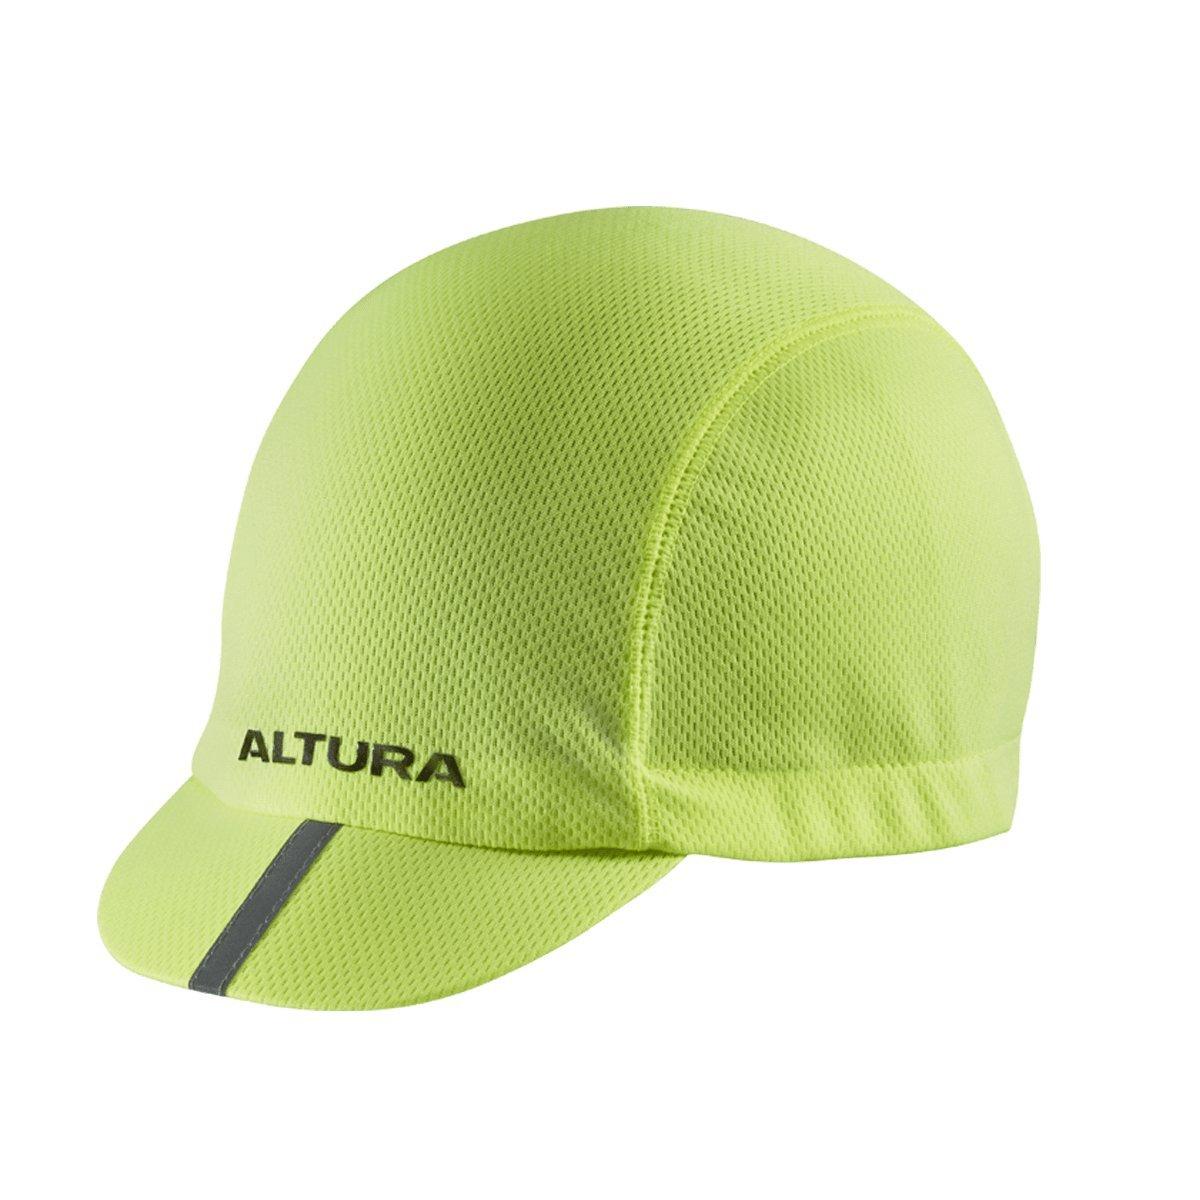 Altura Men s Race Caps 566eecf4f